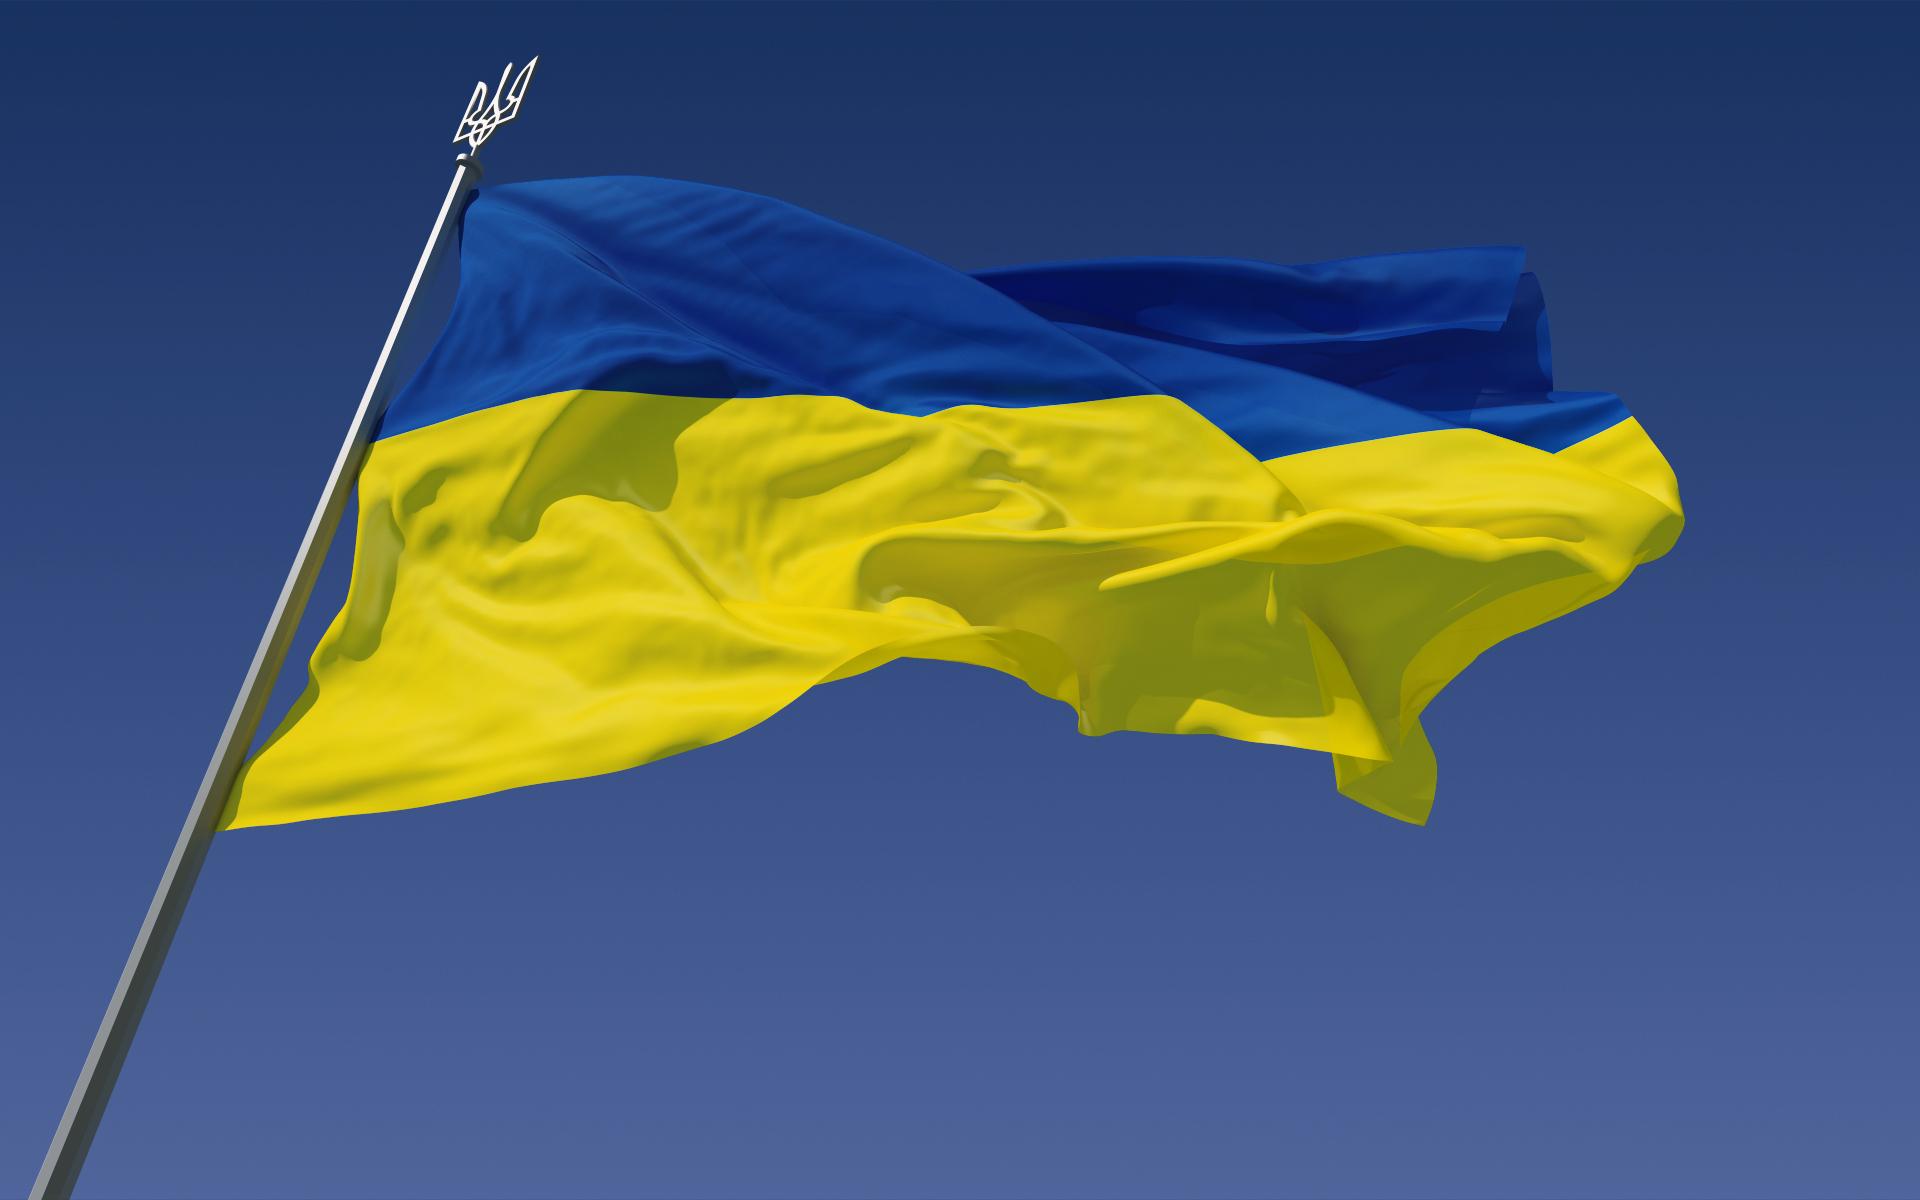 Рейтинг уровня жизни среди 128 стран мира: Украина улучшила свои показатели и заняла 64-е место, оставив Россию позади, - Social Progress Imperative